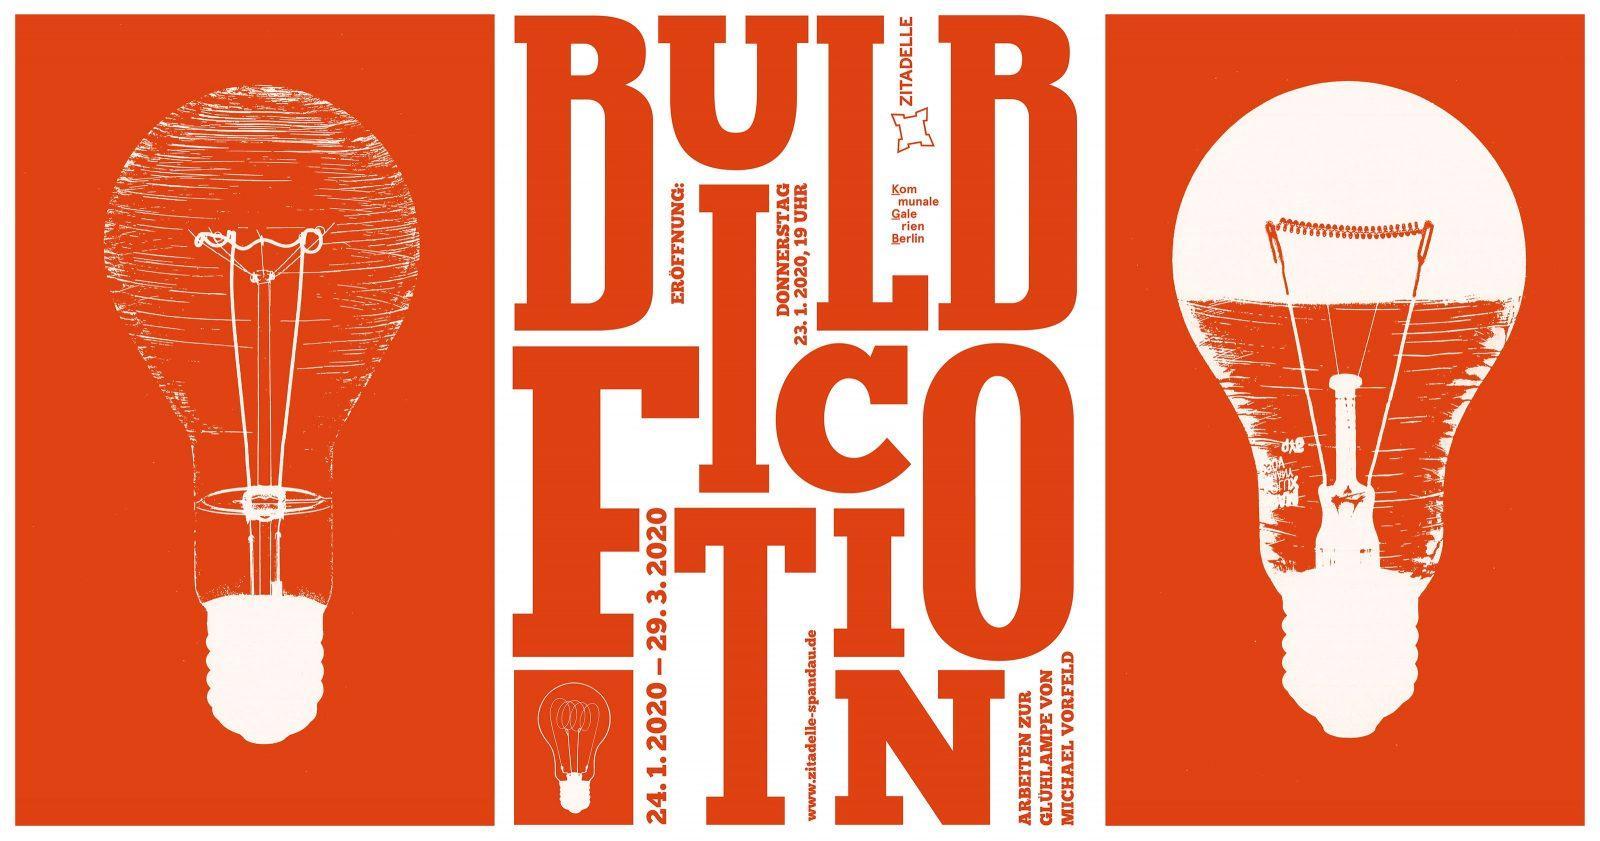 Bulb Fiction Zitadelle 2020